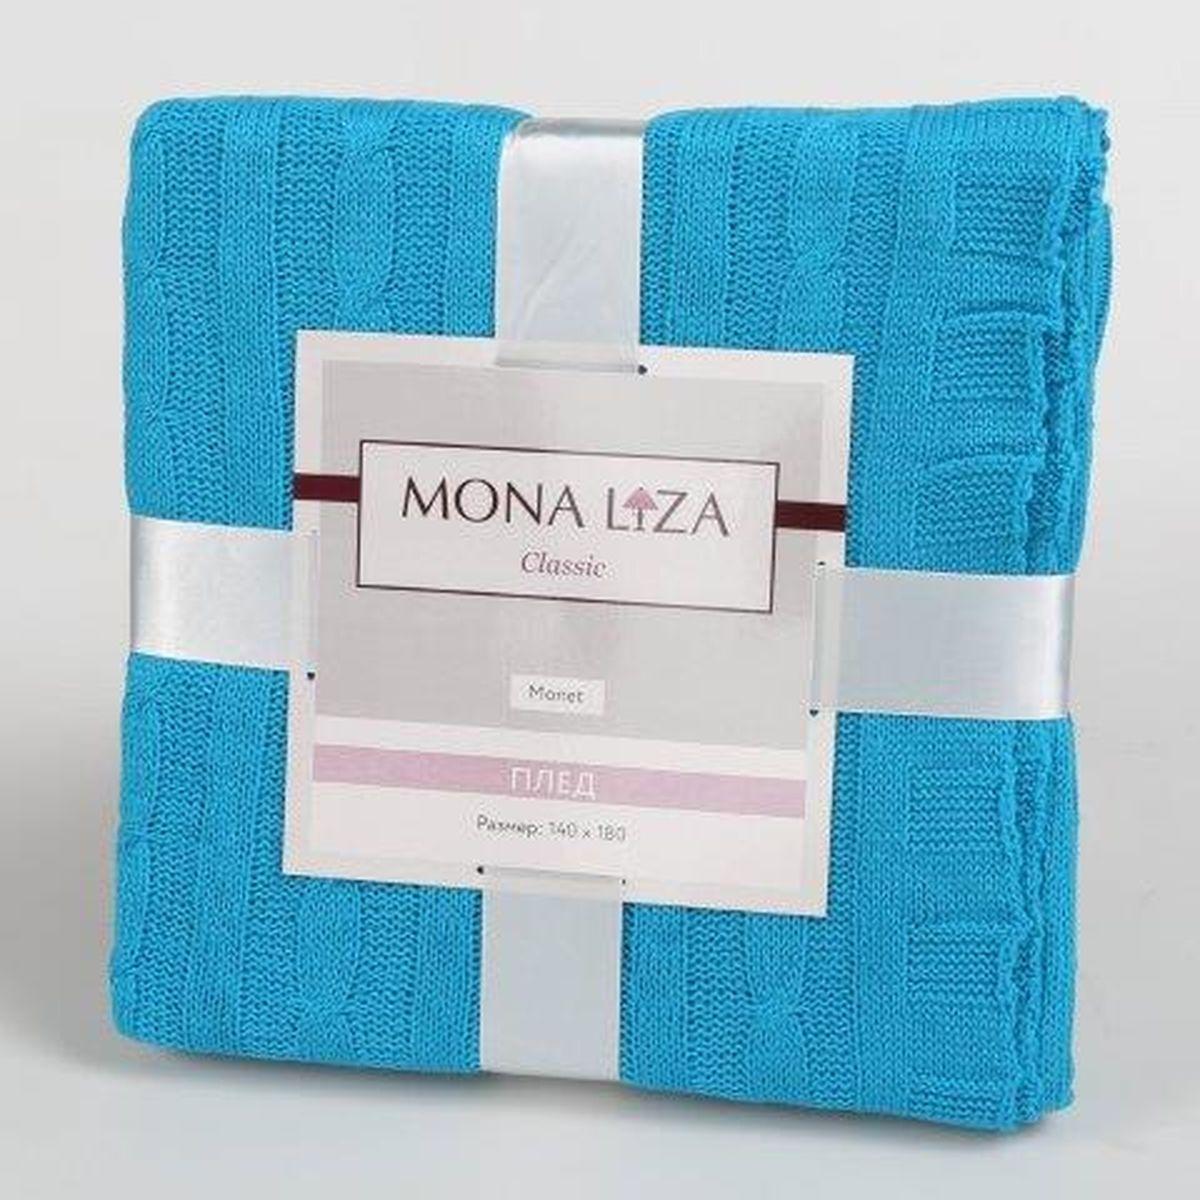 Плед Mona Liza Classic Monet, цвет: синий, 140 см х 180 см6221CОригинальный вязаный плед Mona Liza Classic Monet послужит теплым, мягким и практичным подарком близким людям. Плед изготовлен из высококачественного 100% акрила.Яркий и приятный на ощупь плед Mona Liza Classic Monet станет отличным дополнением в вашем интерьере.